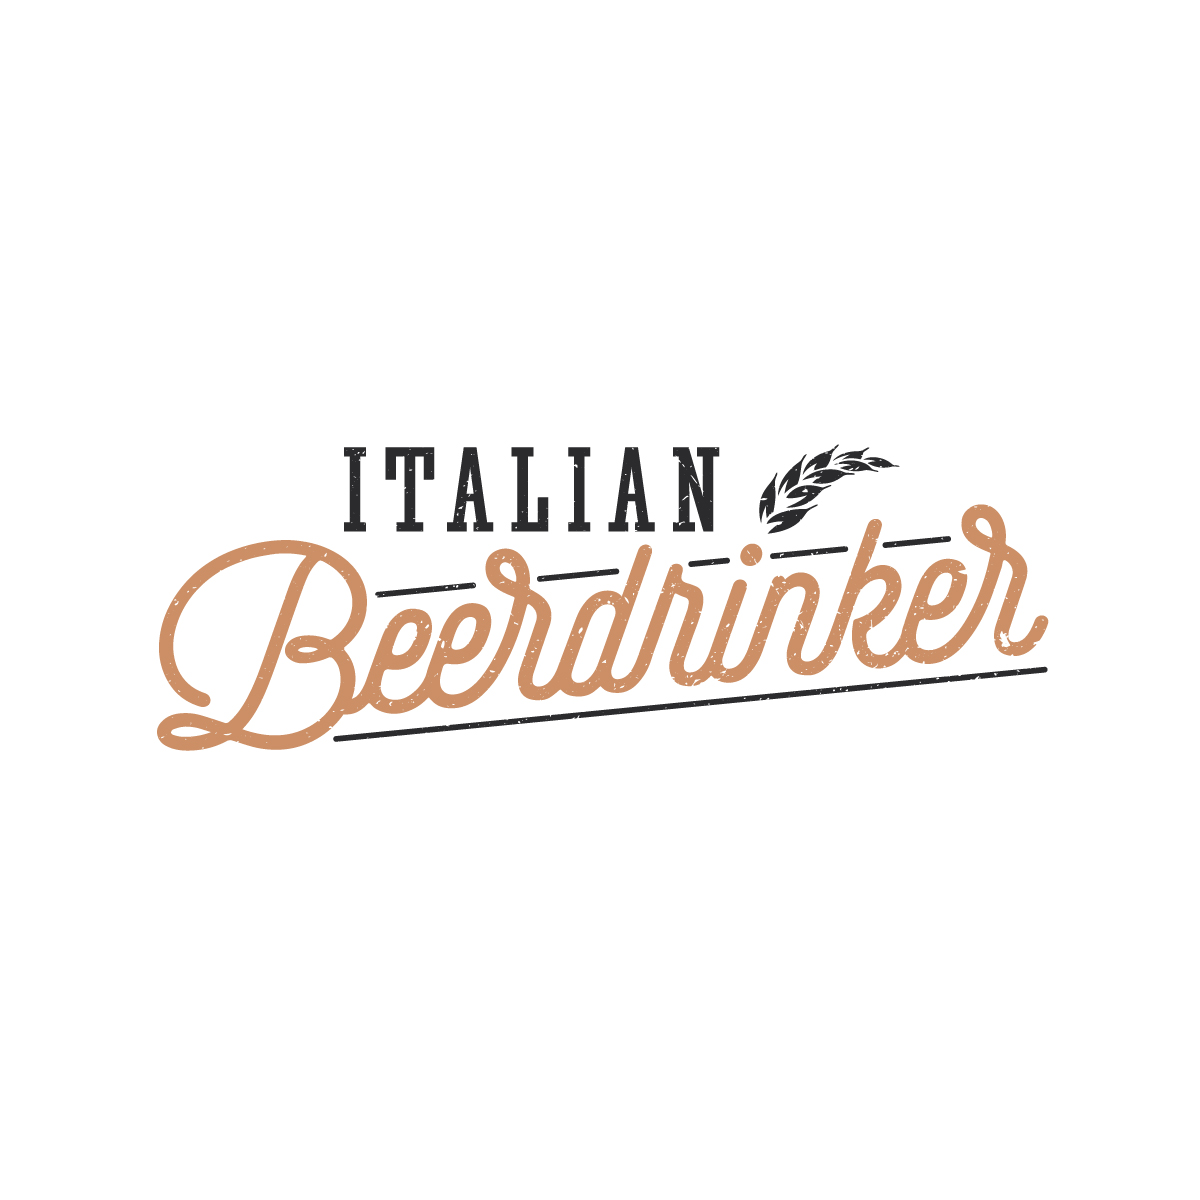 Italian Beerdrinker